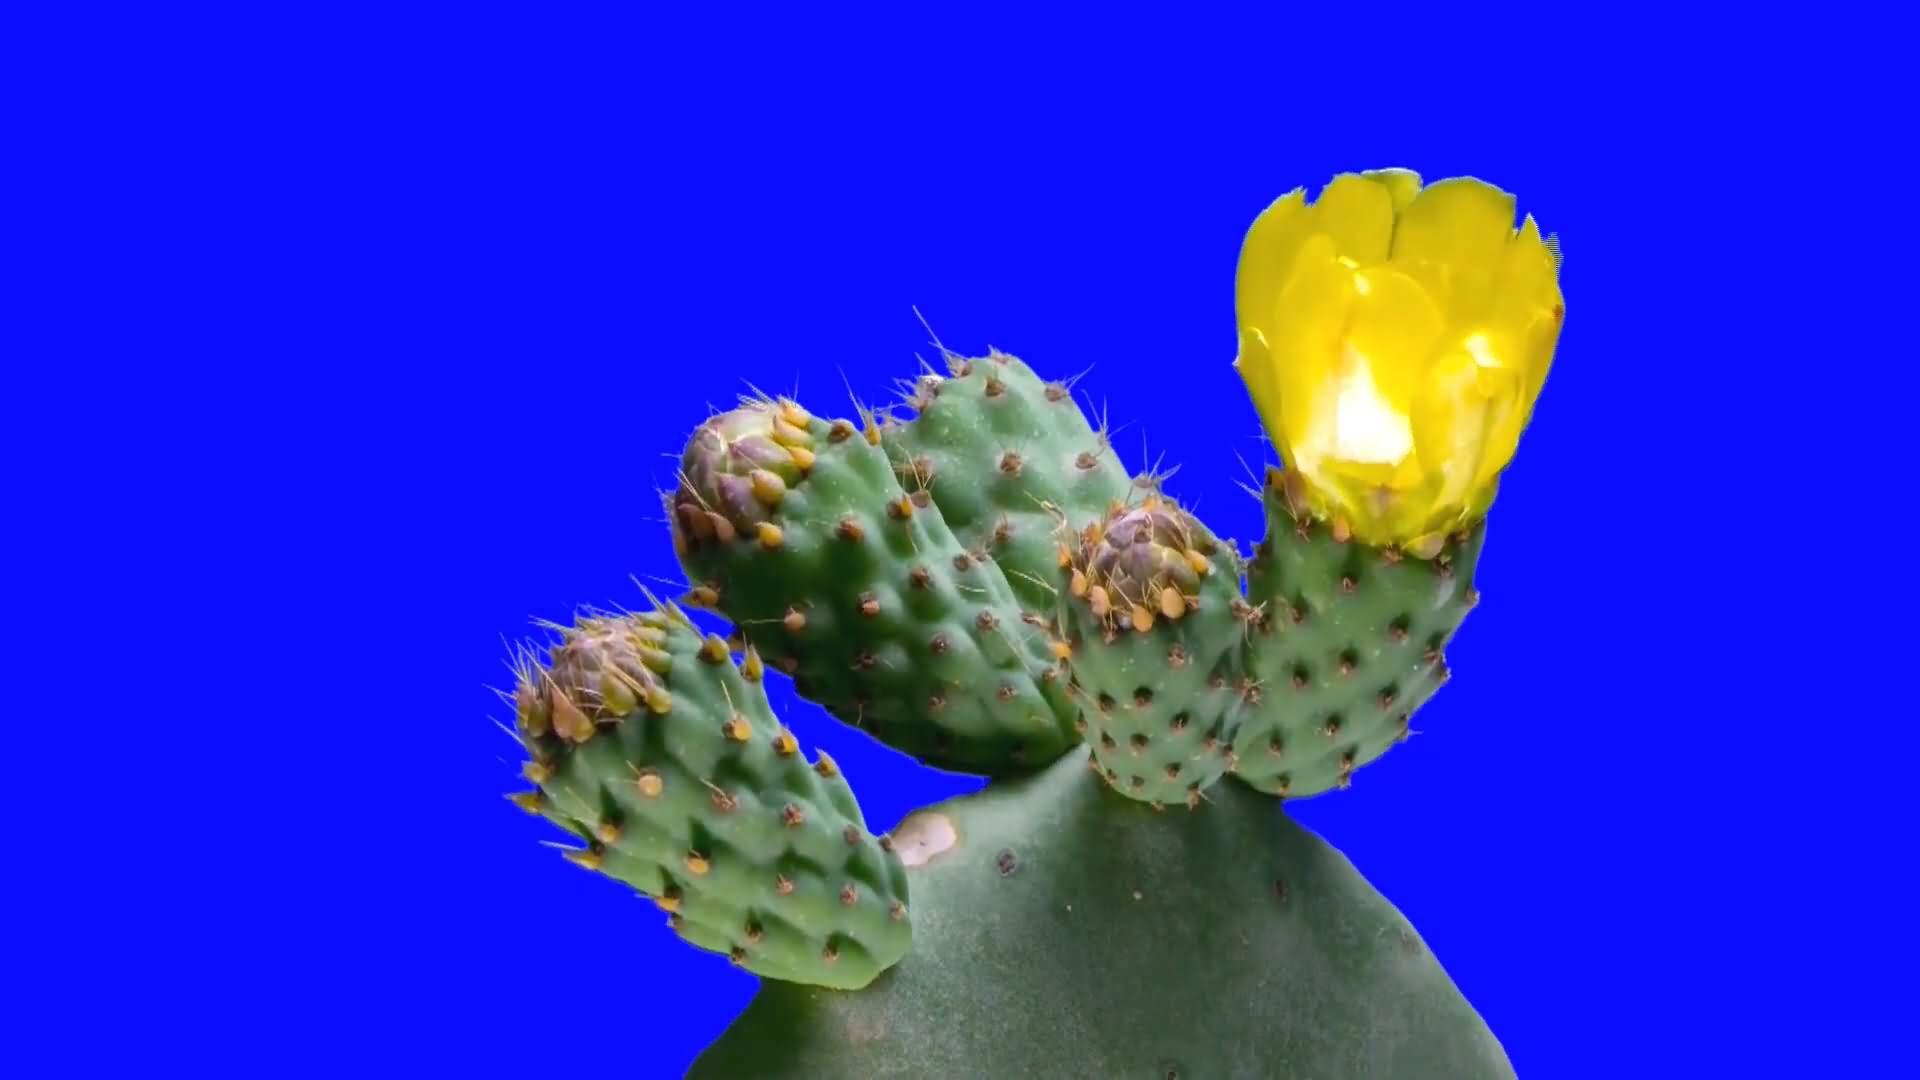 绿屏抠像开花的仙人掌视频素材